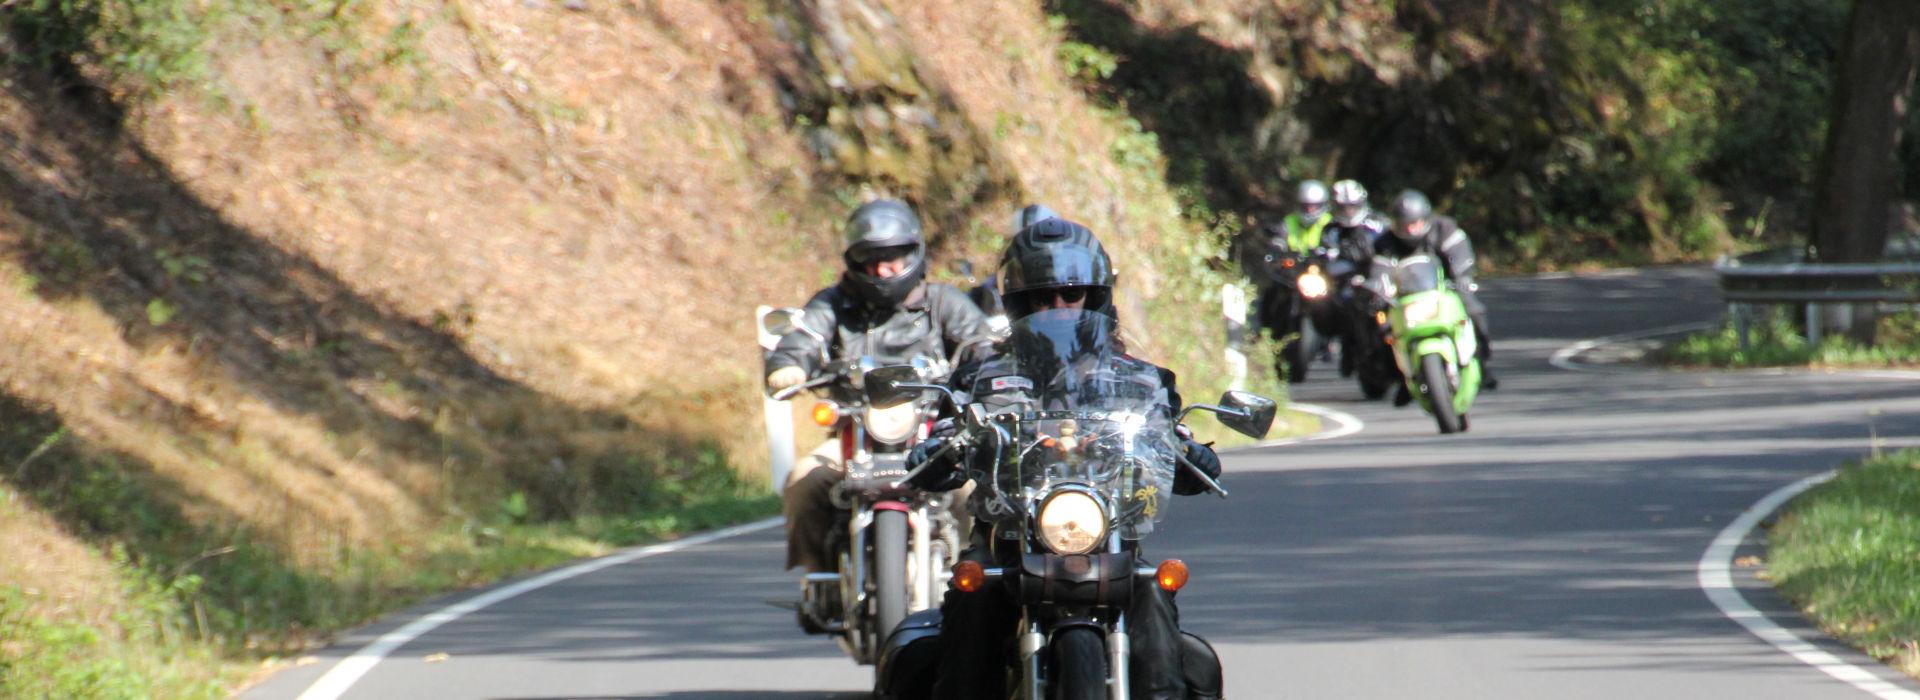 Motorrijschool Motorrijbewijspoint Giessenburg motorrijlessen